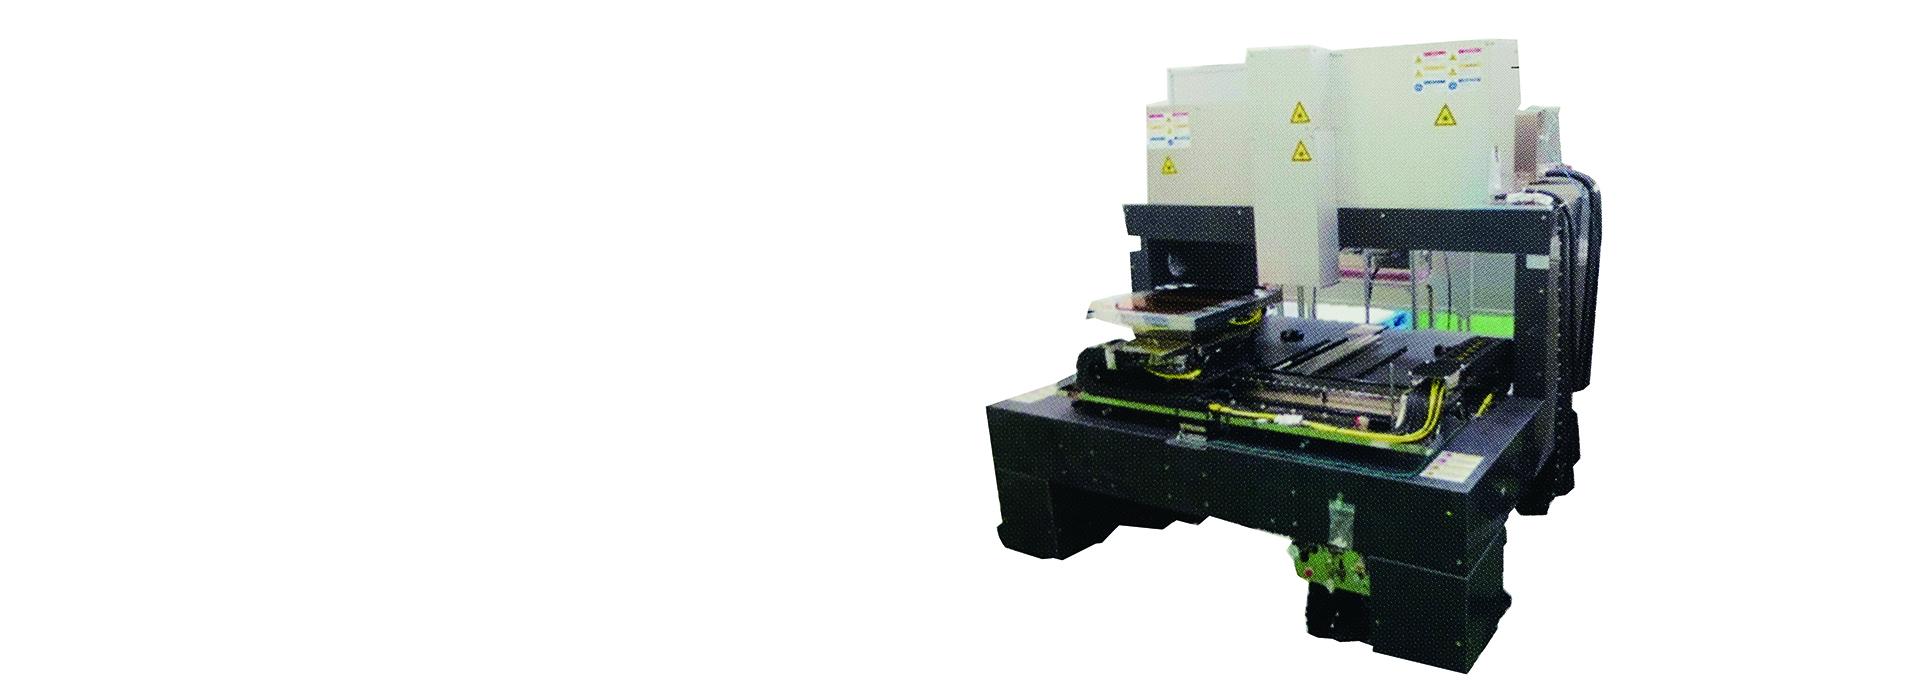 LLO装置(Laser Lift-Off)